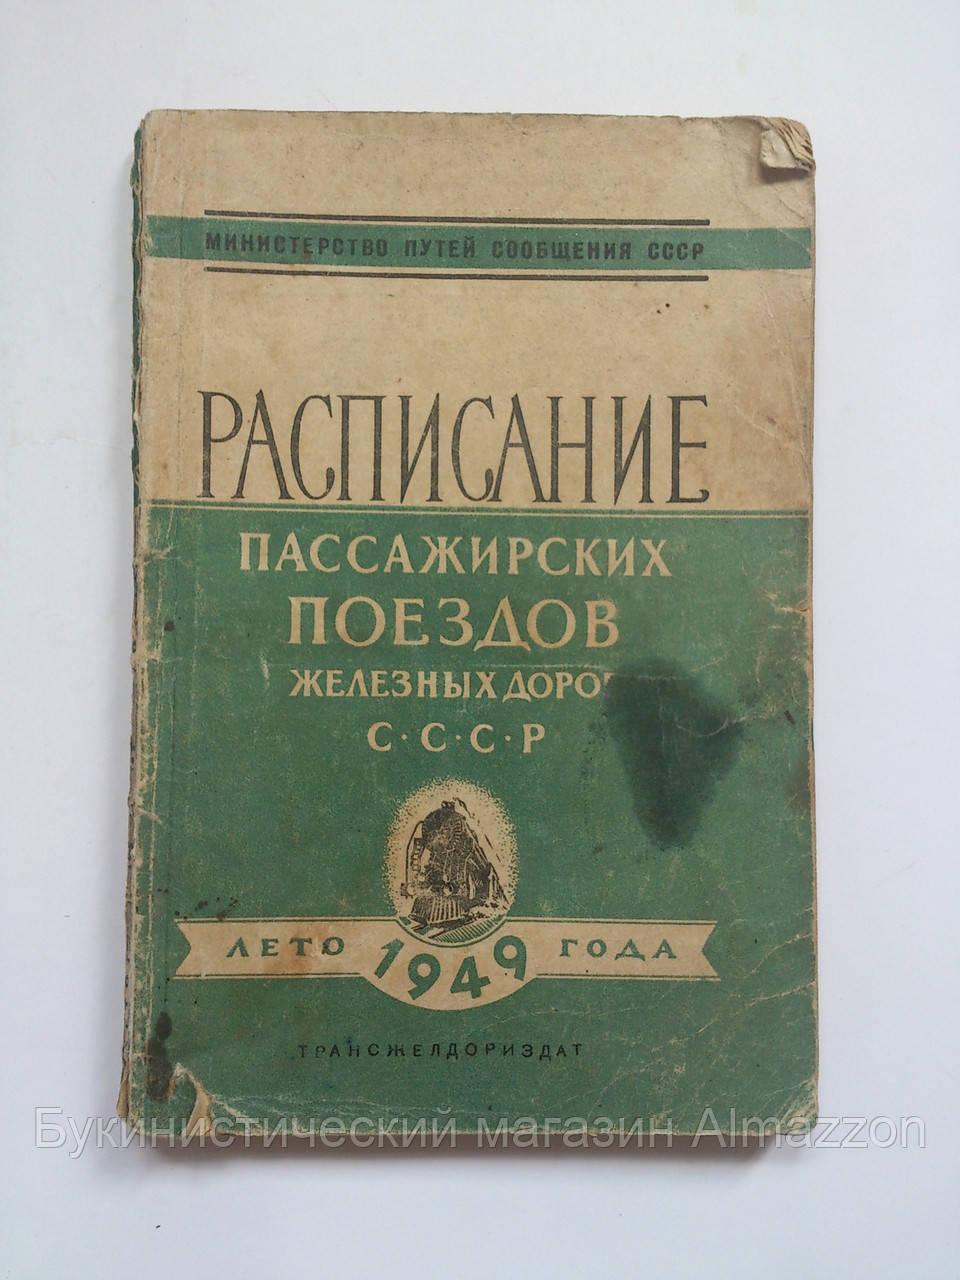 Расписание пассажирских поездов железных дорог СССР. Лето 1949 года. Трансжелдориздат